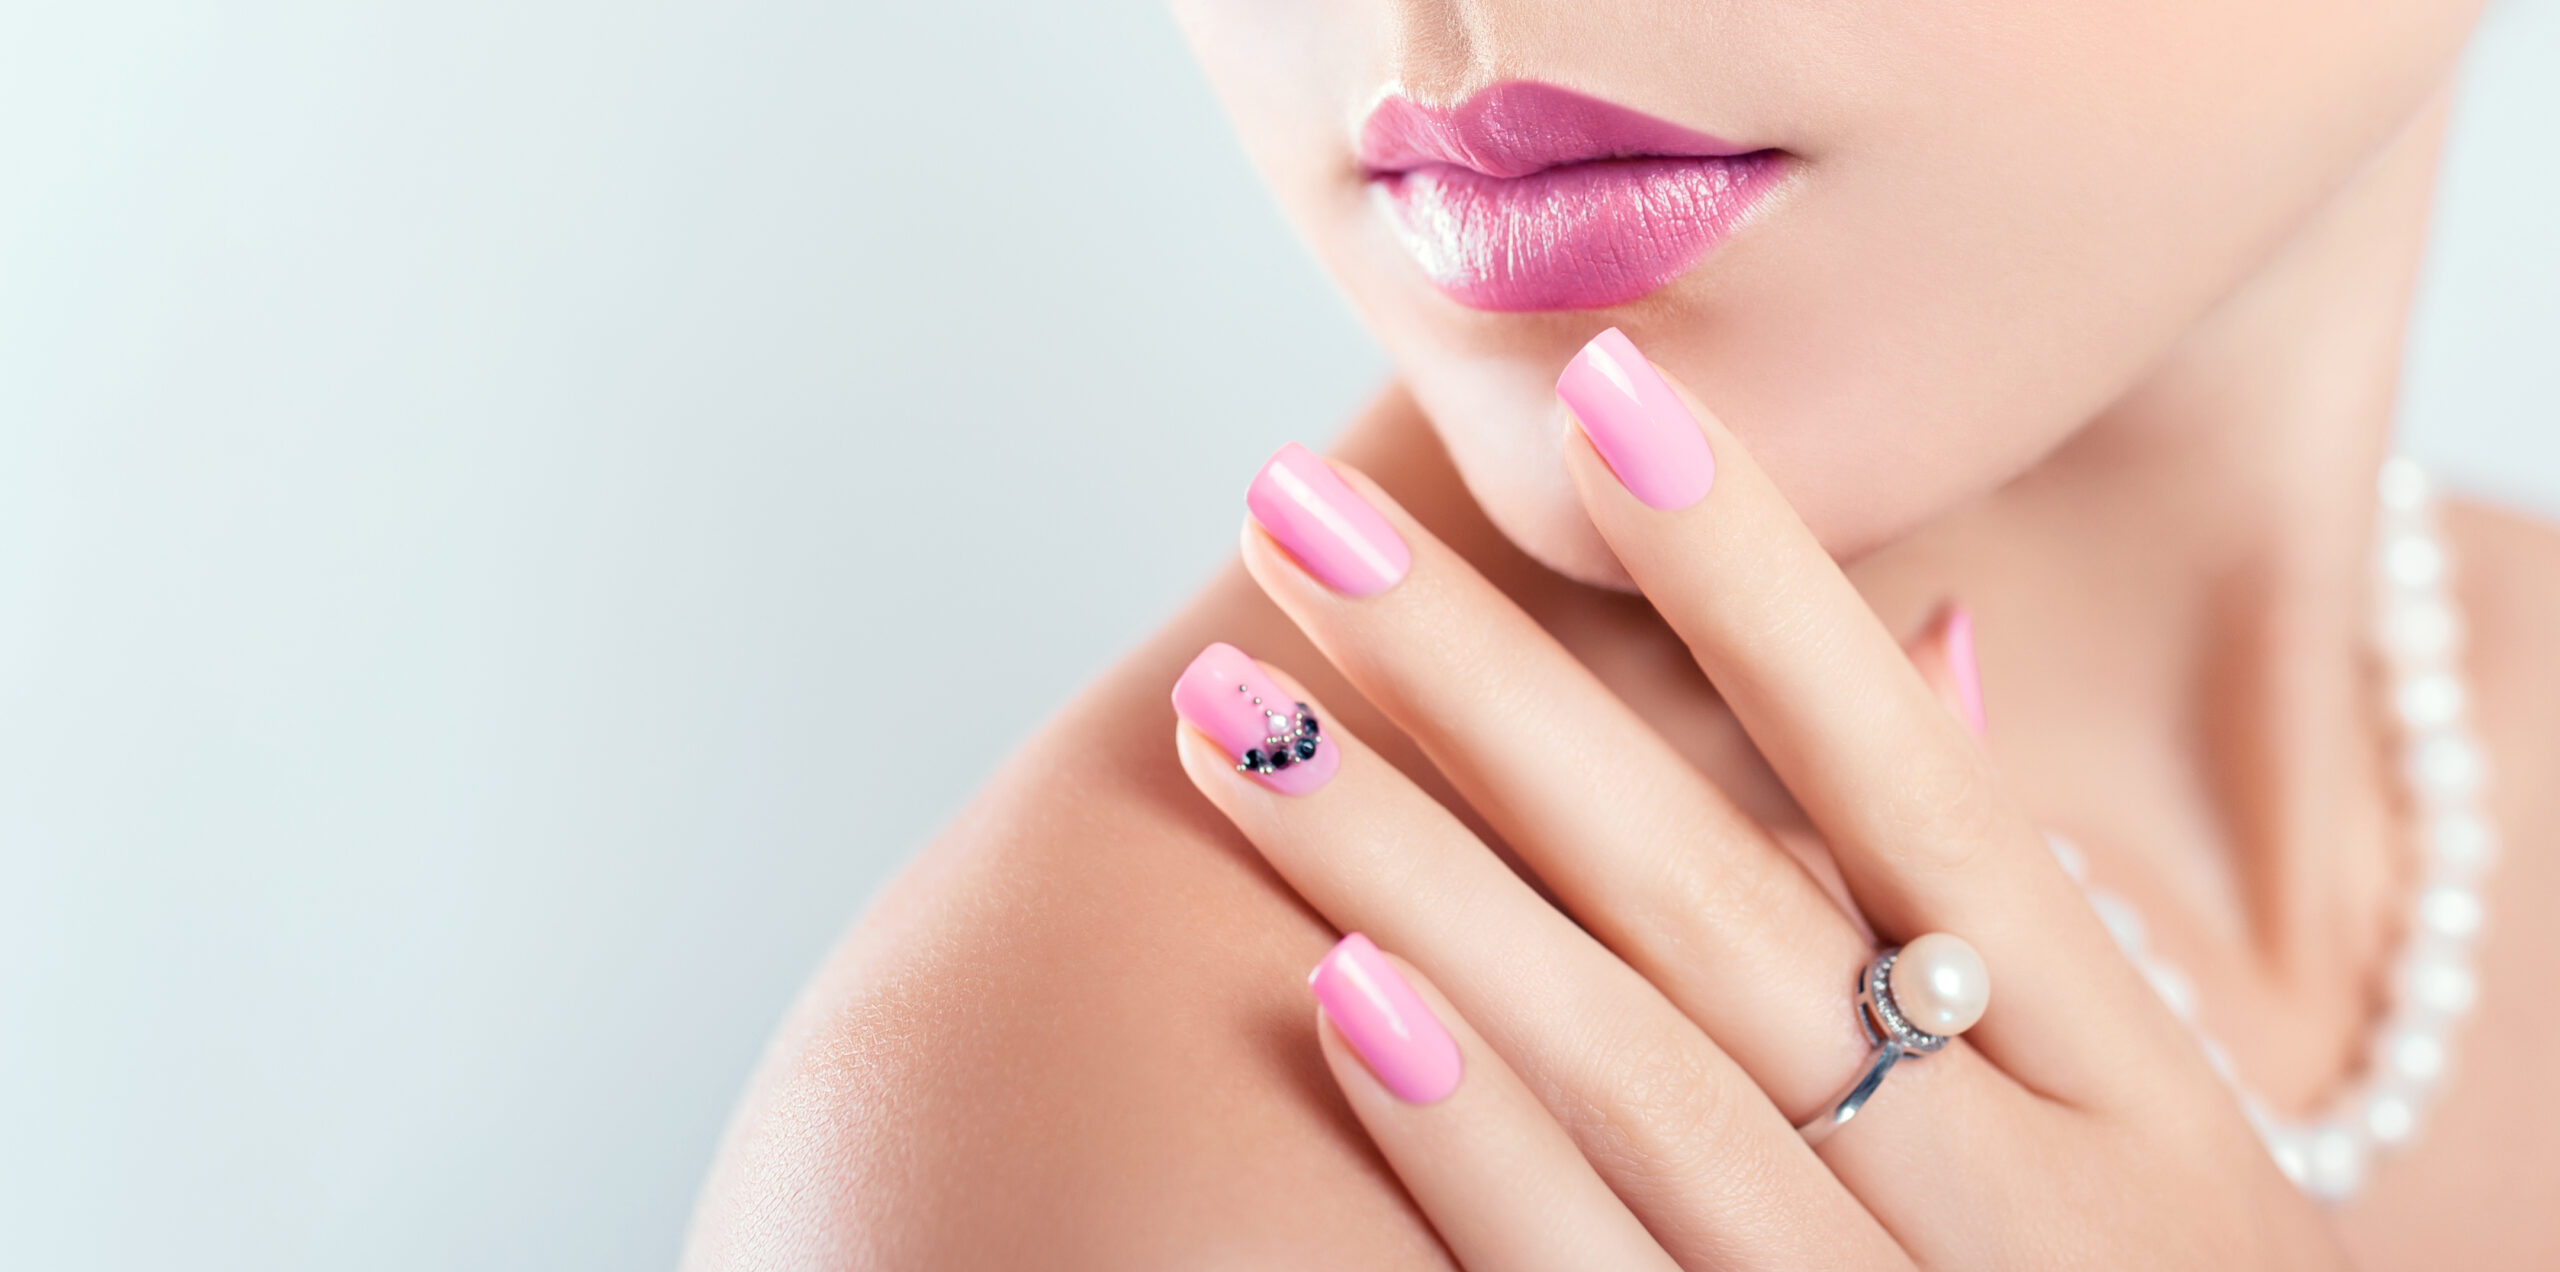 paznokcie ślubne w kolorze różu z błyszczącymi dodatkami